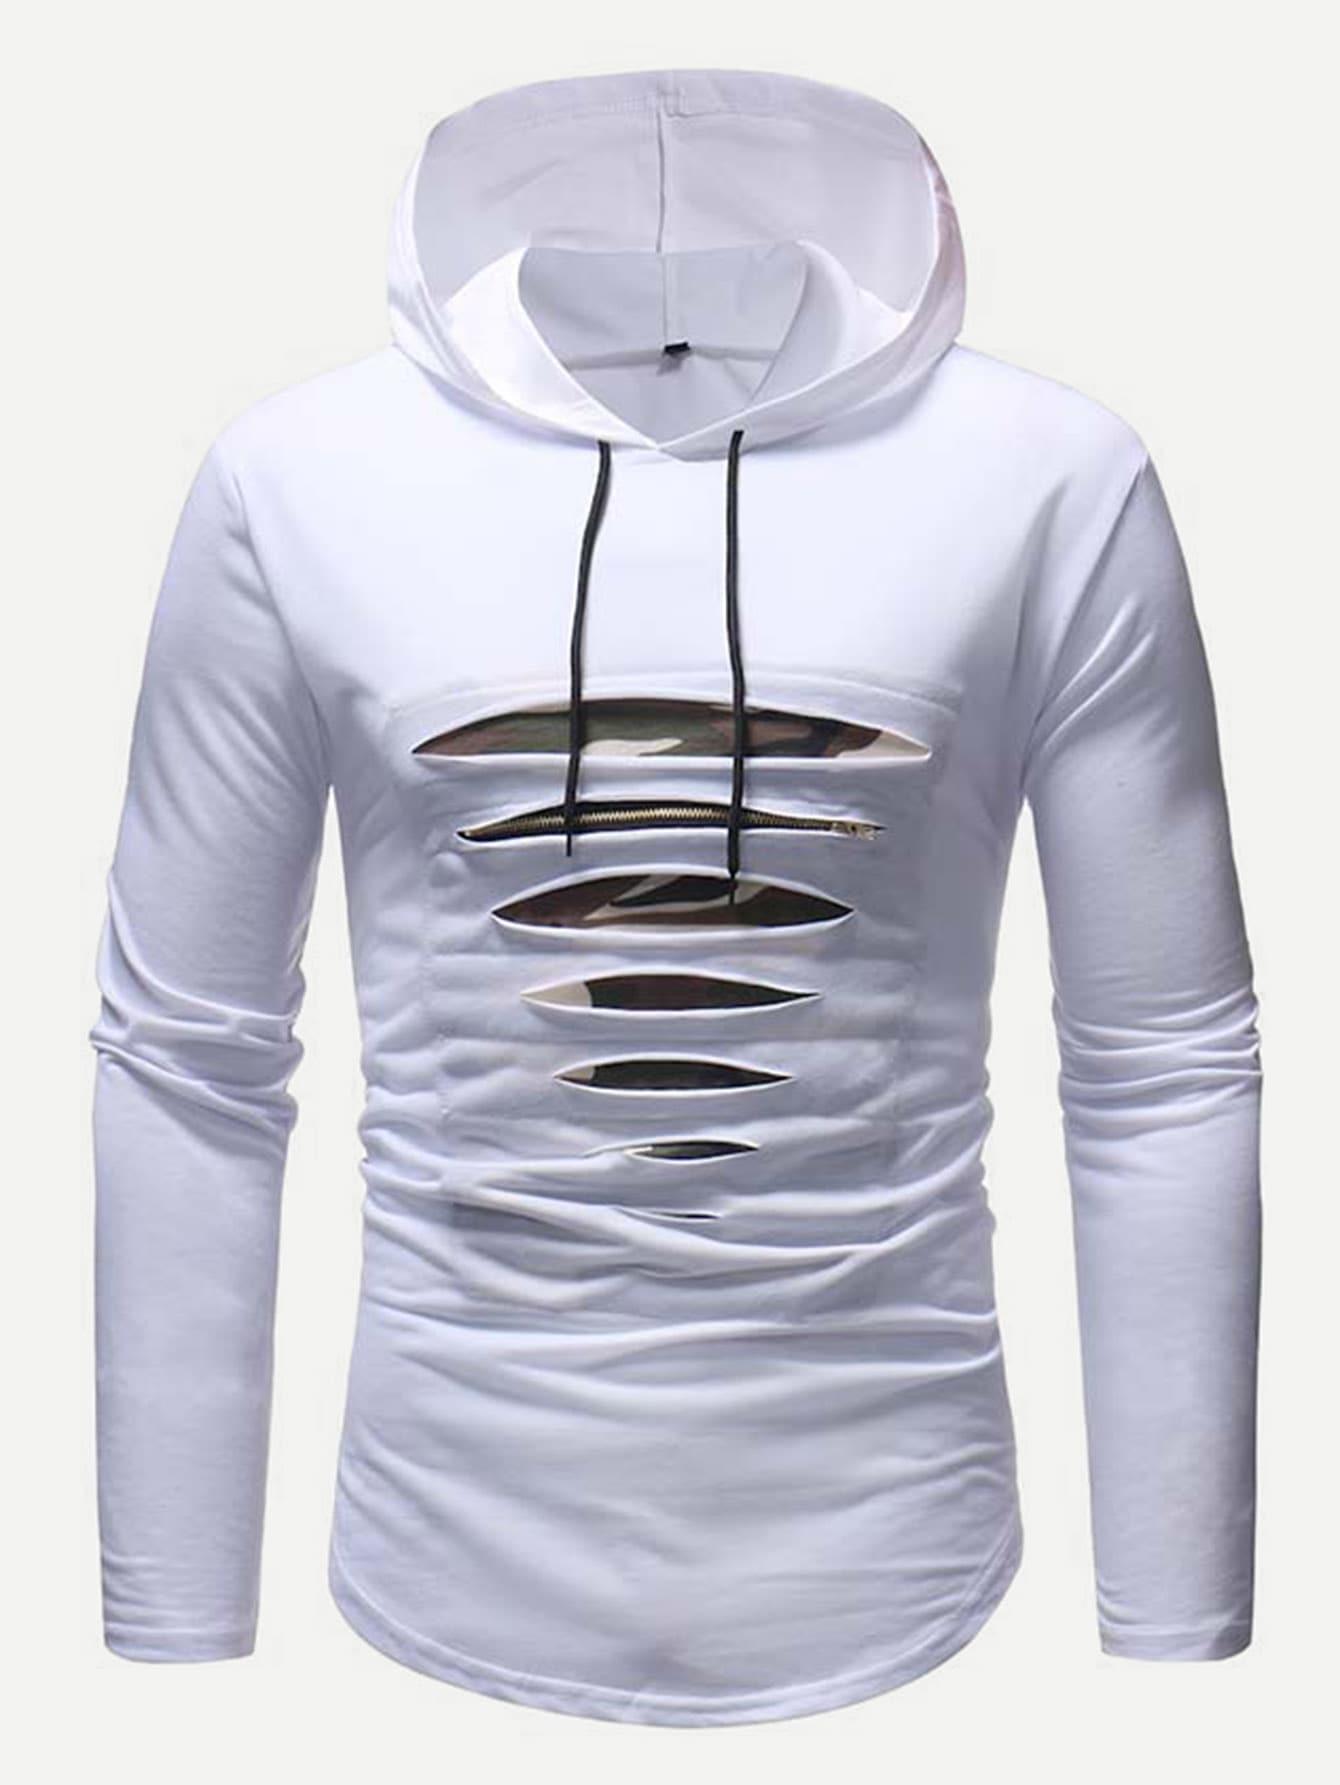 Купить Мужская рваная футболка с капюшоном, null, SheIn